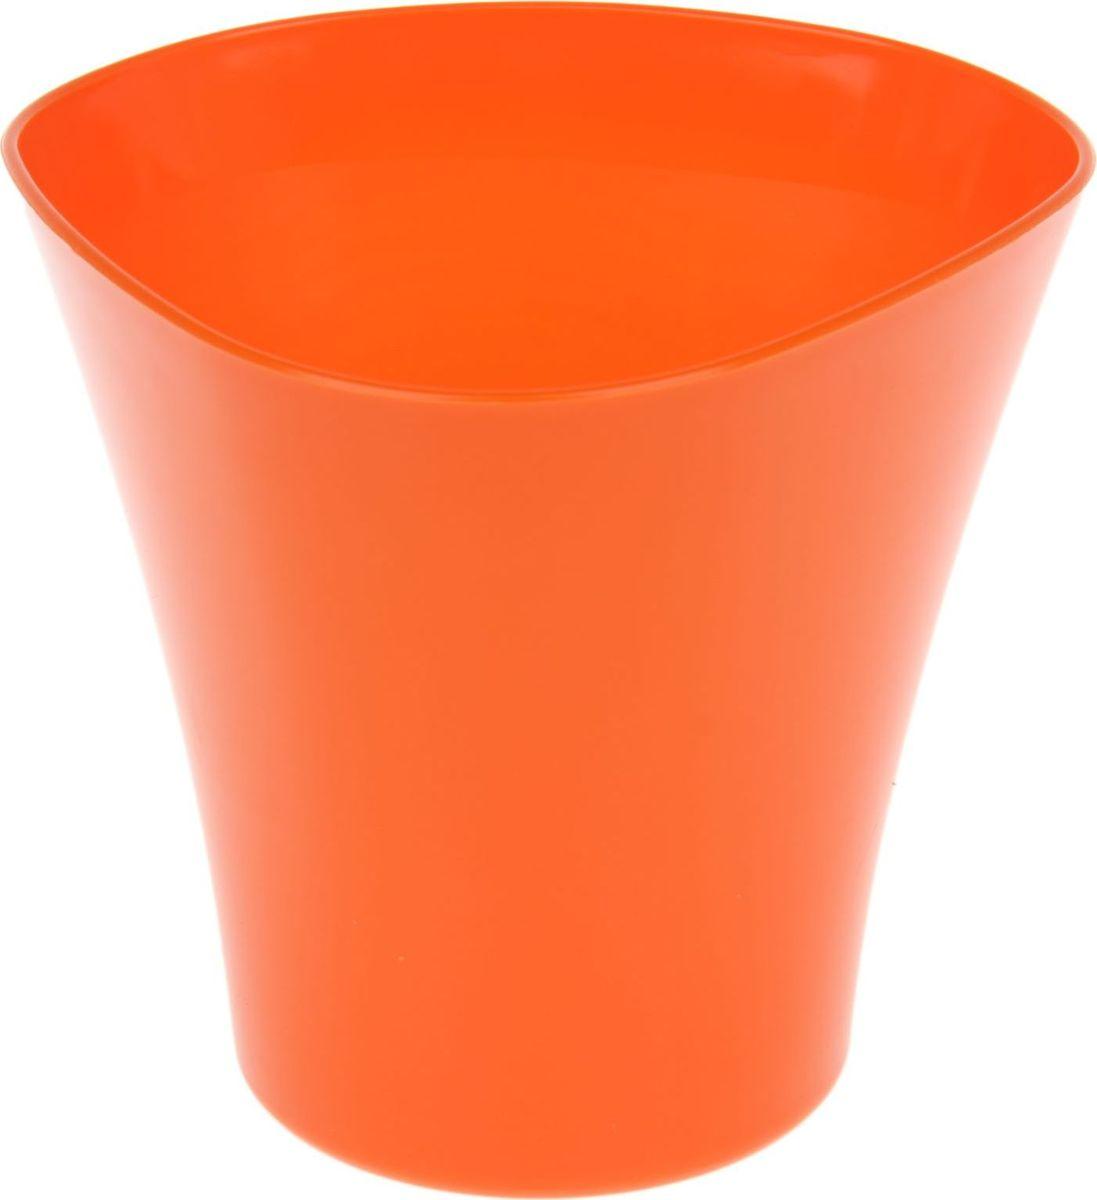 Кашпо JetPlast Волна, цвет: оранжевый, 3 л4612754050598Любой, даже самый современный и продуманный интерьер будет не завершенным без растений. Они не только очищают воздух и насыщают его кислородом, но и заметно украшают окружающее пространство. Такому полезному члену семьи просто необходимо красивое и функциональное кашпо, оригинальный горшок или необычная ваза! Мы предлагаем - Кашпо 3 л Волна, цвет оранжевый! Оптимальный выбор материала - это пластмасса! Почему мы так считаем? Малый вес. С легкостью переносите горшки и кашпо с места на место, ставьте их на столики или полки, подвешивайте под потолок, не беспокоясь о нагрузке. Простота ухода. Пластиковые изделия не нуждаются в специальных условиях хранения. Их легко чистить достаточно просто сполоснуть теплой водой. Никаких царапин. Пластиковые кашпо не царапают и не загрязняют поверхности, на которых стоят. Пластик дольше хранит влагу, а значит растение реже нуждается в поливе. Пластмасса не пропускает воздух корневой системе растения не грозят резкие перепады температур. Огромный выбор форм, декора и расцветок вы без труда подберете что-то, что идеально впишется в уже существующий интерьер. Соблюдая нехитрые правила ухода, вы можете заметно продлить срок службы горшков, вазонов и кашпо из пластика: всегда учитывайте размер кроны и корневой системы растения (при разрастании большое растение способно повредить маленький горшок) берегите изделие от воздействия прямых солнечных лучей, чтобы кашпо и горшки не выцветали держите кашпо и горшки из пластика подальше от нагревающихся поверхностей. Создавайте прекрасные цветочные композиции, выращивайте рассаду или необычные растения, а низкие цены позволят вам не ограничивать себя в выборе.